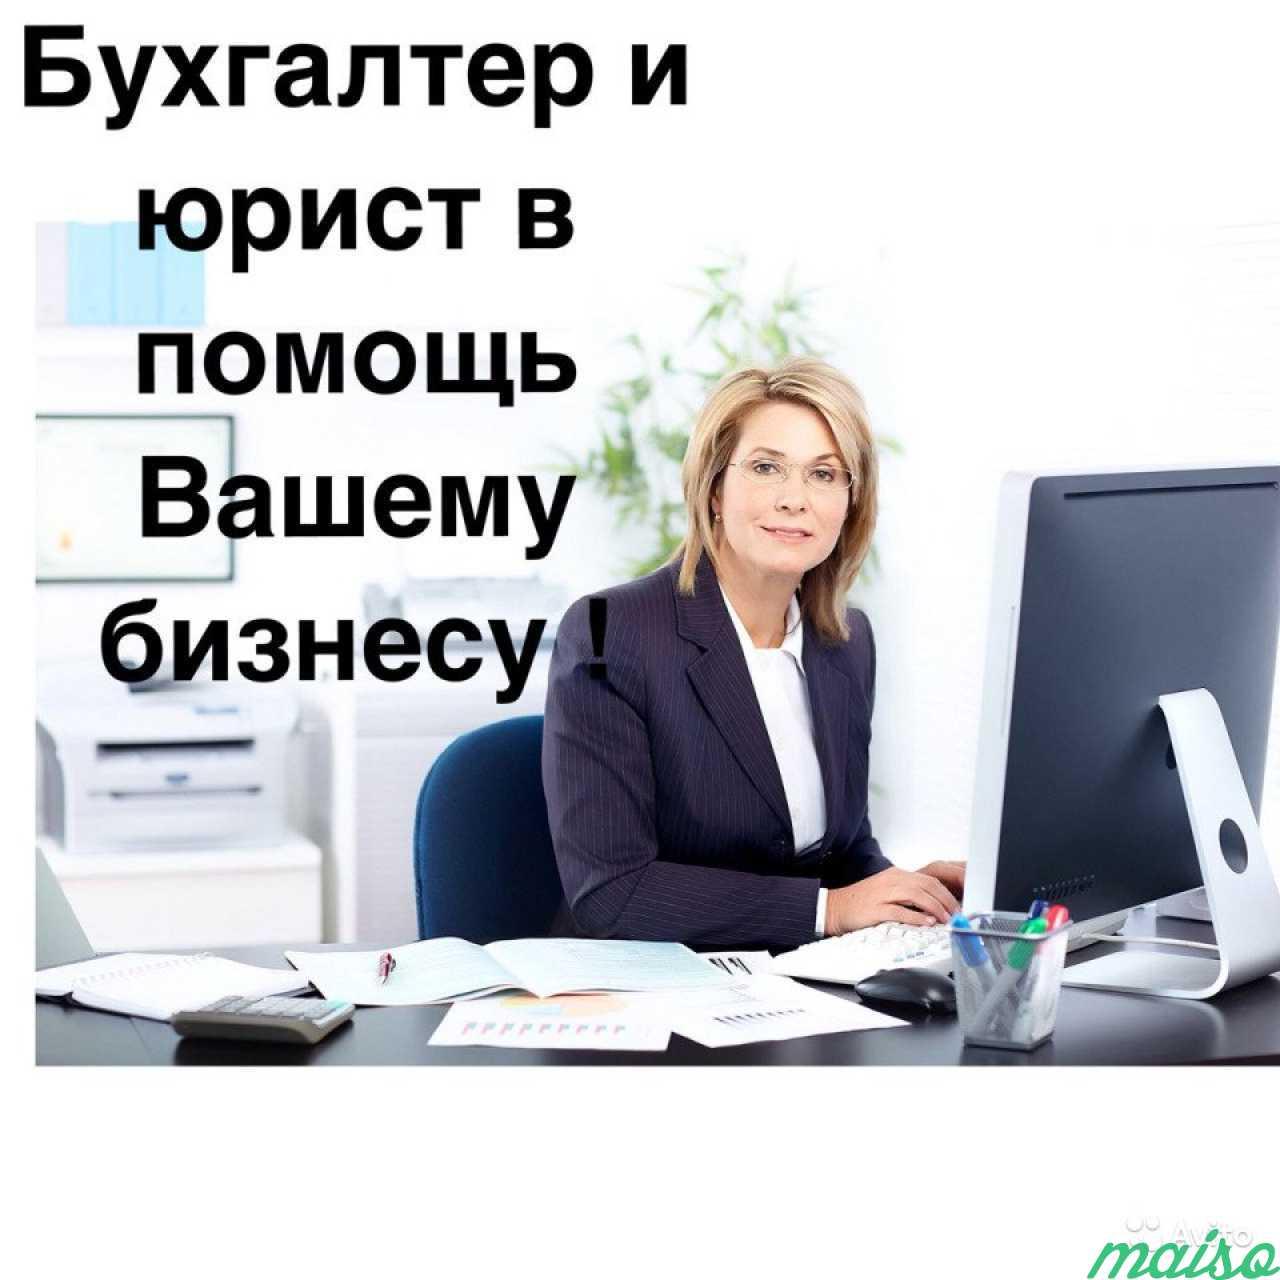 Услуги бухгалтера санкт петербург услуги бухгалтерские окдп